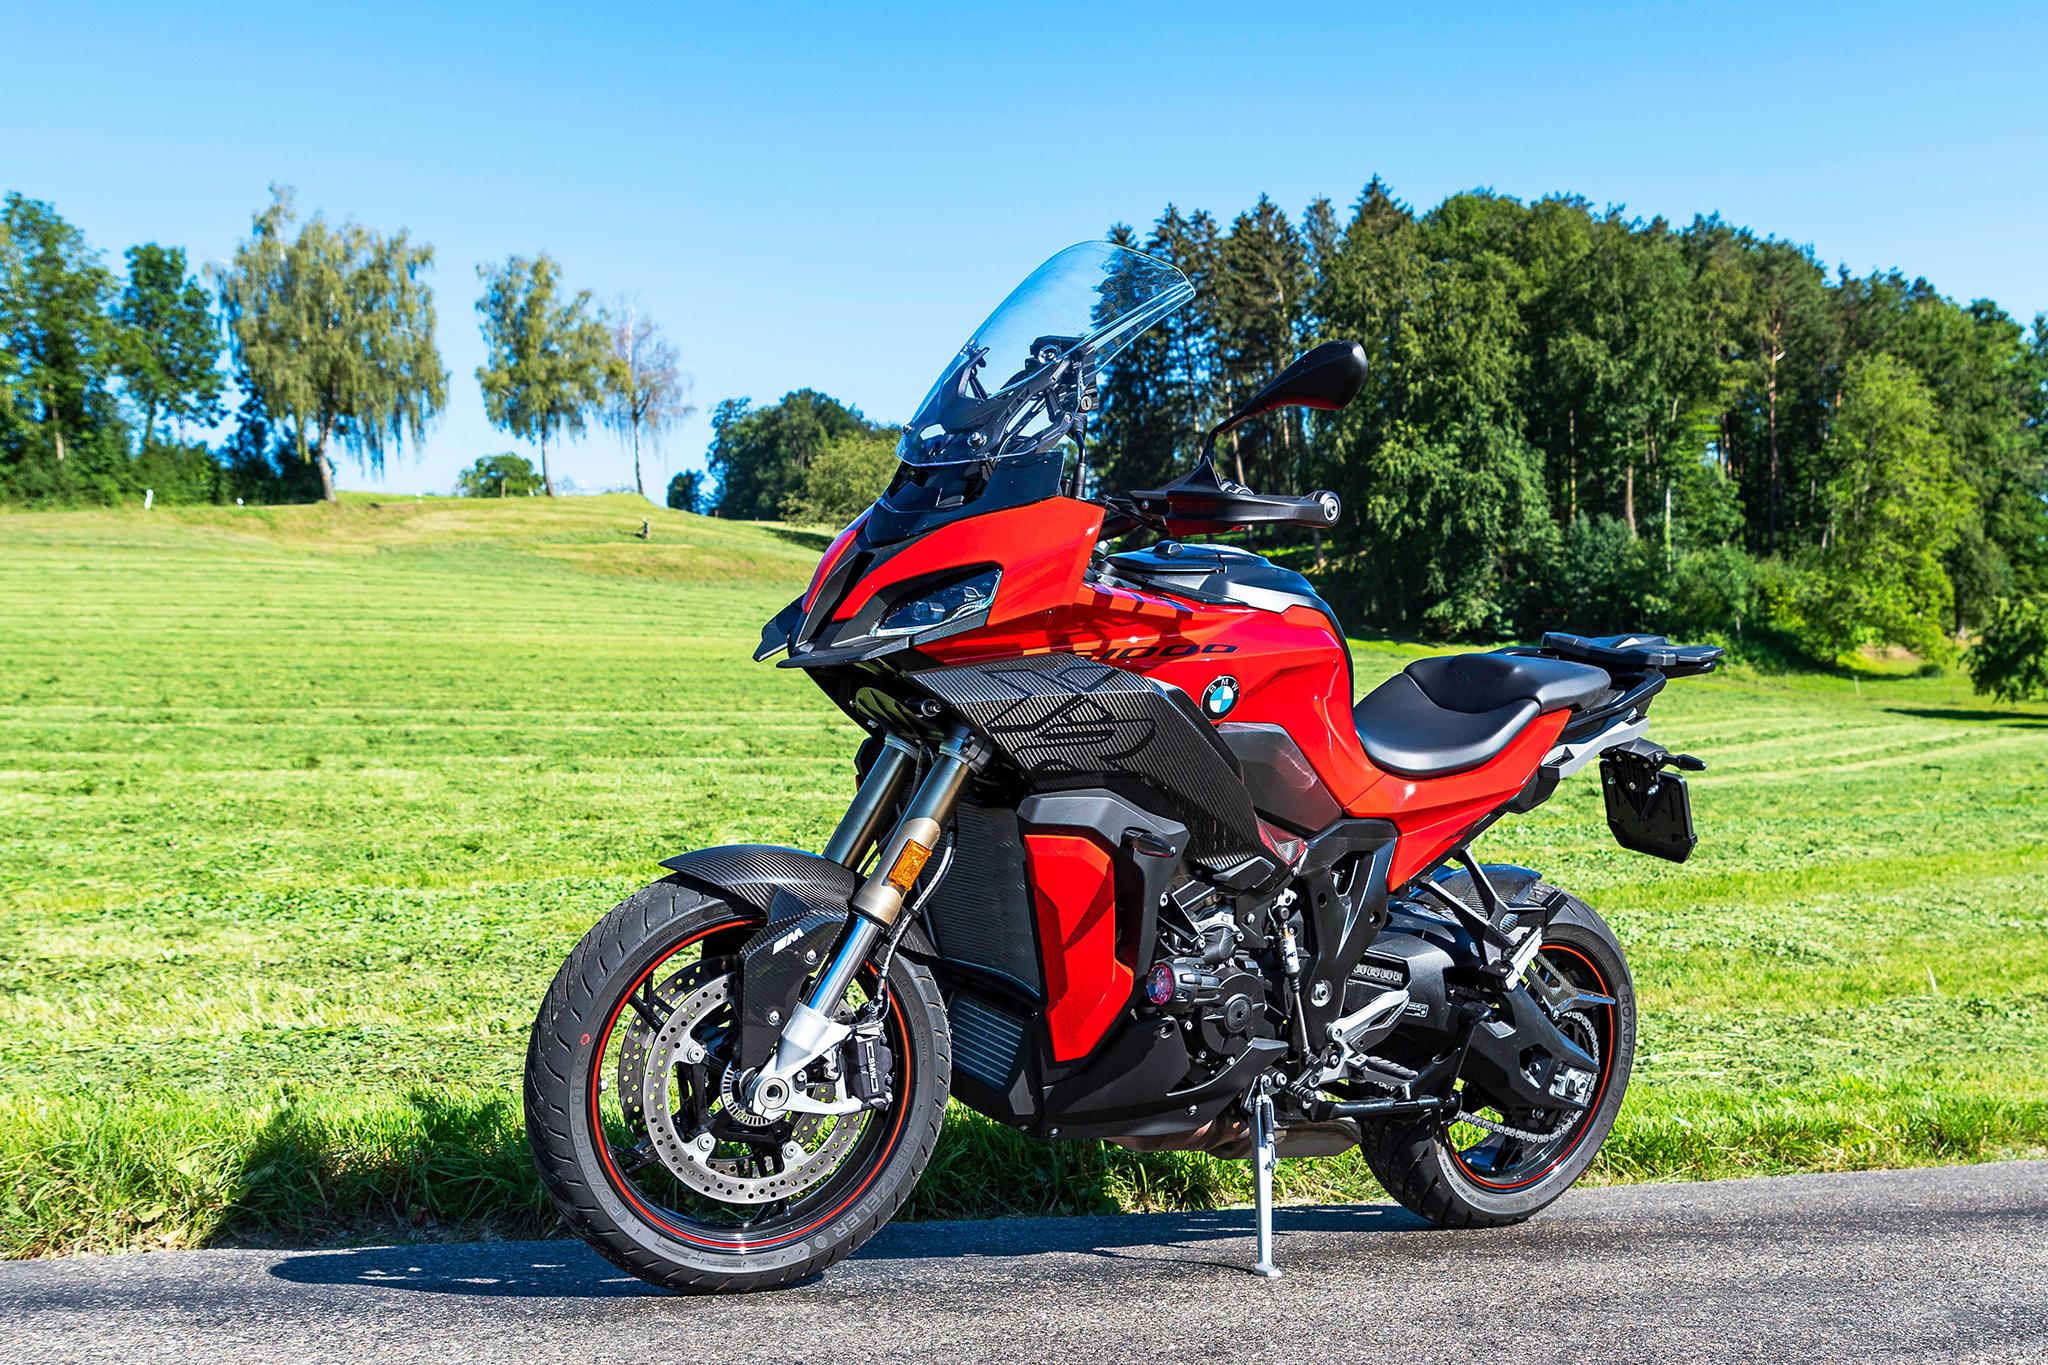 La S 1000 XR